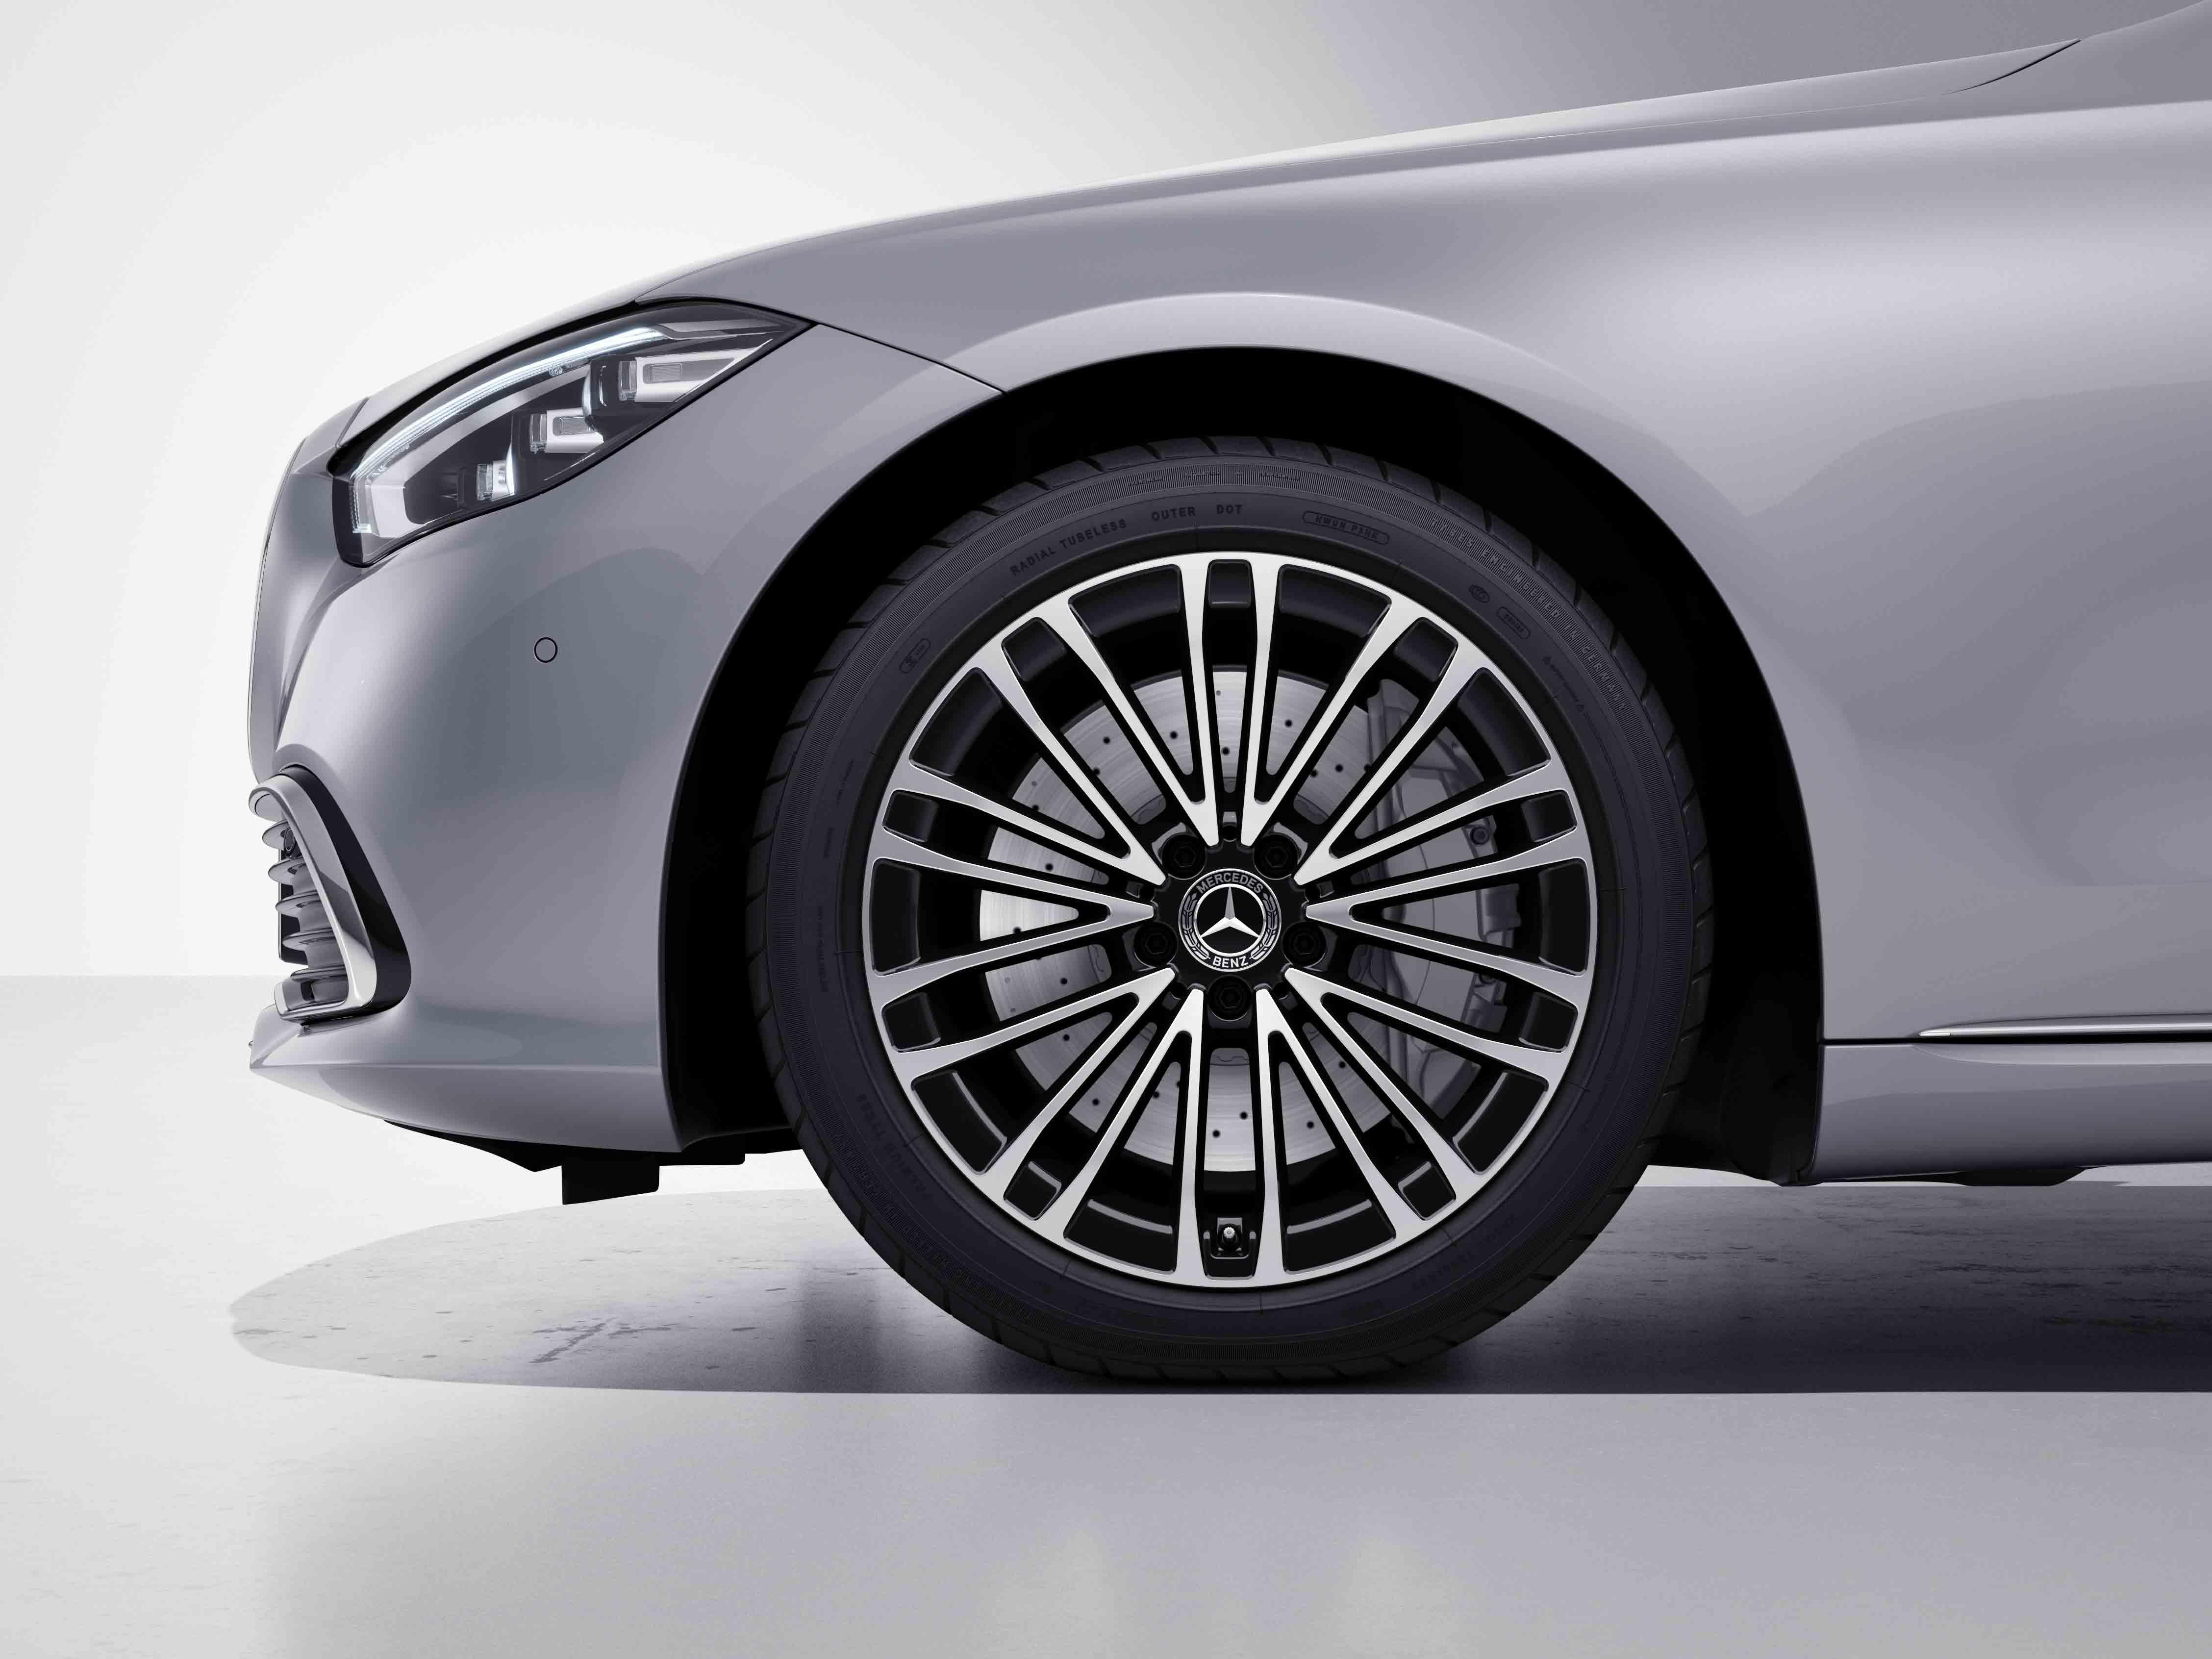 Jantes AMG 19 multibranches de la Mercedes-Benz Classe S Limousine